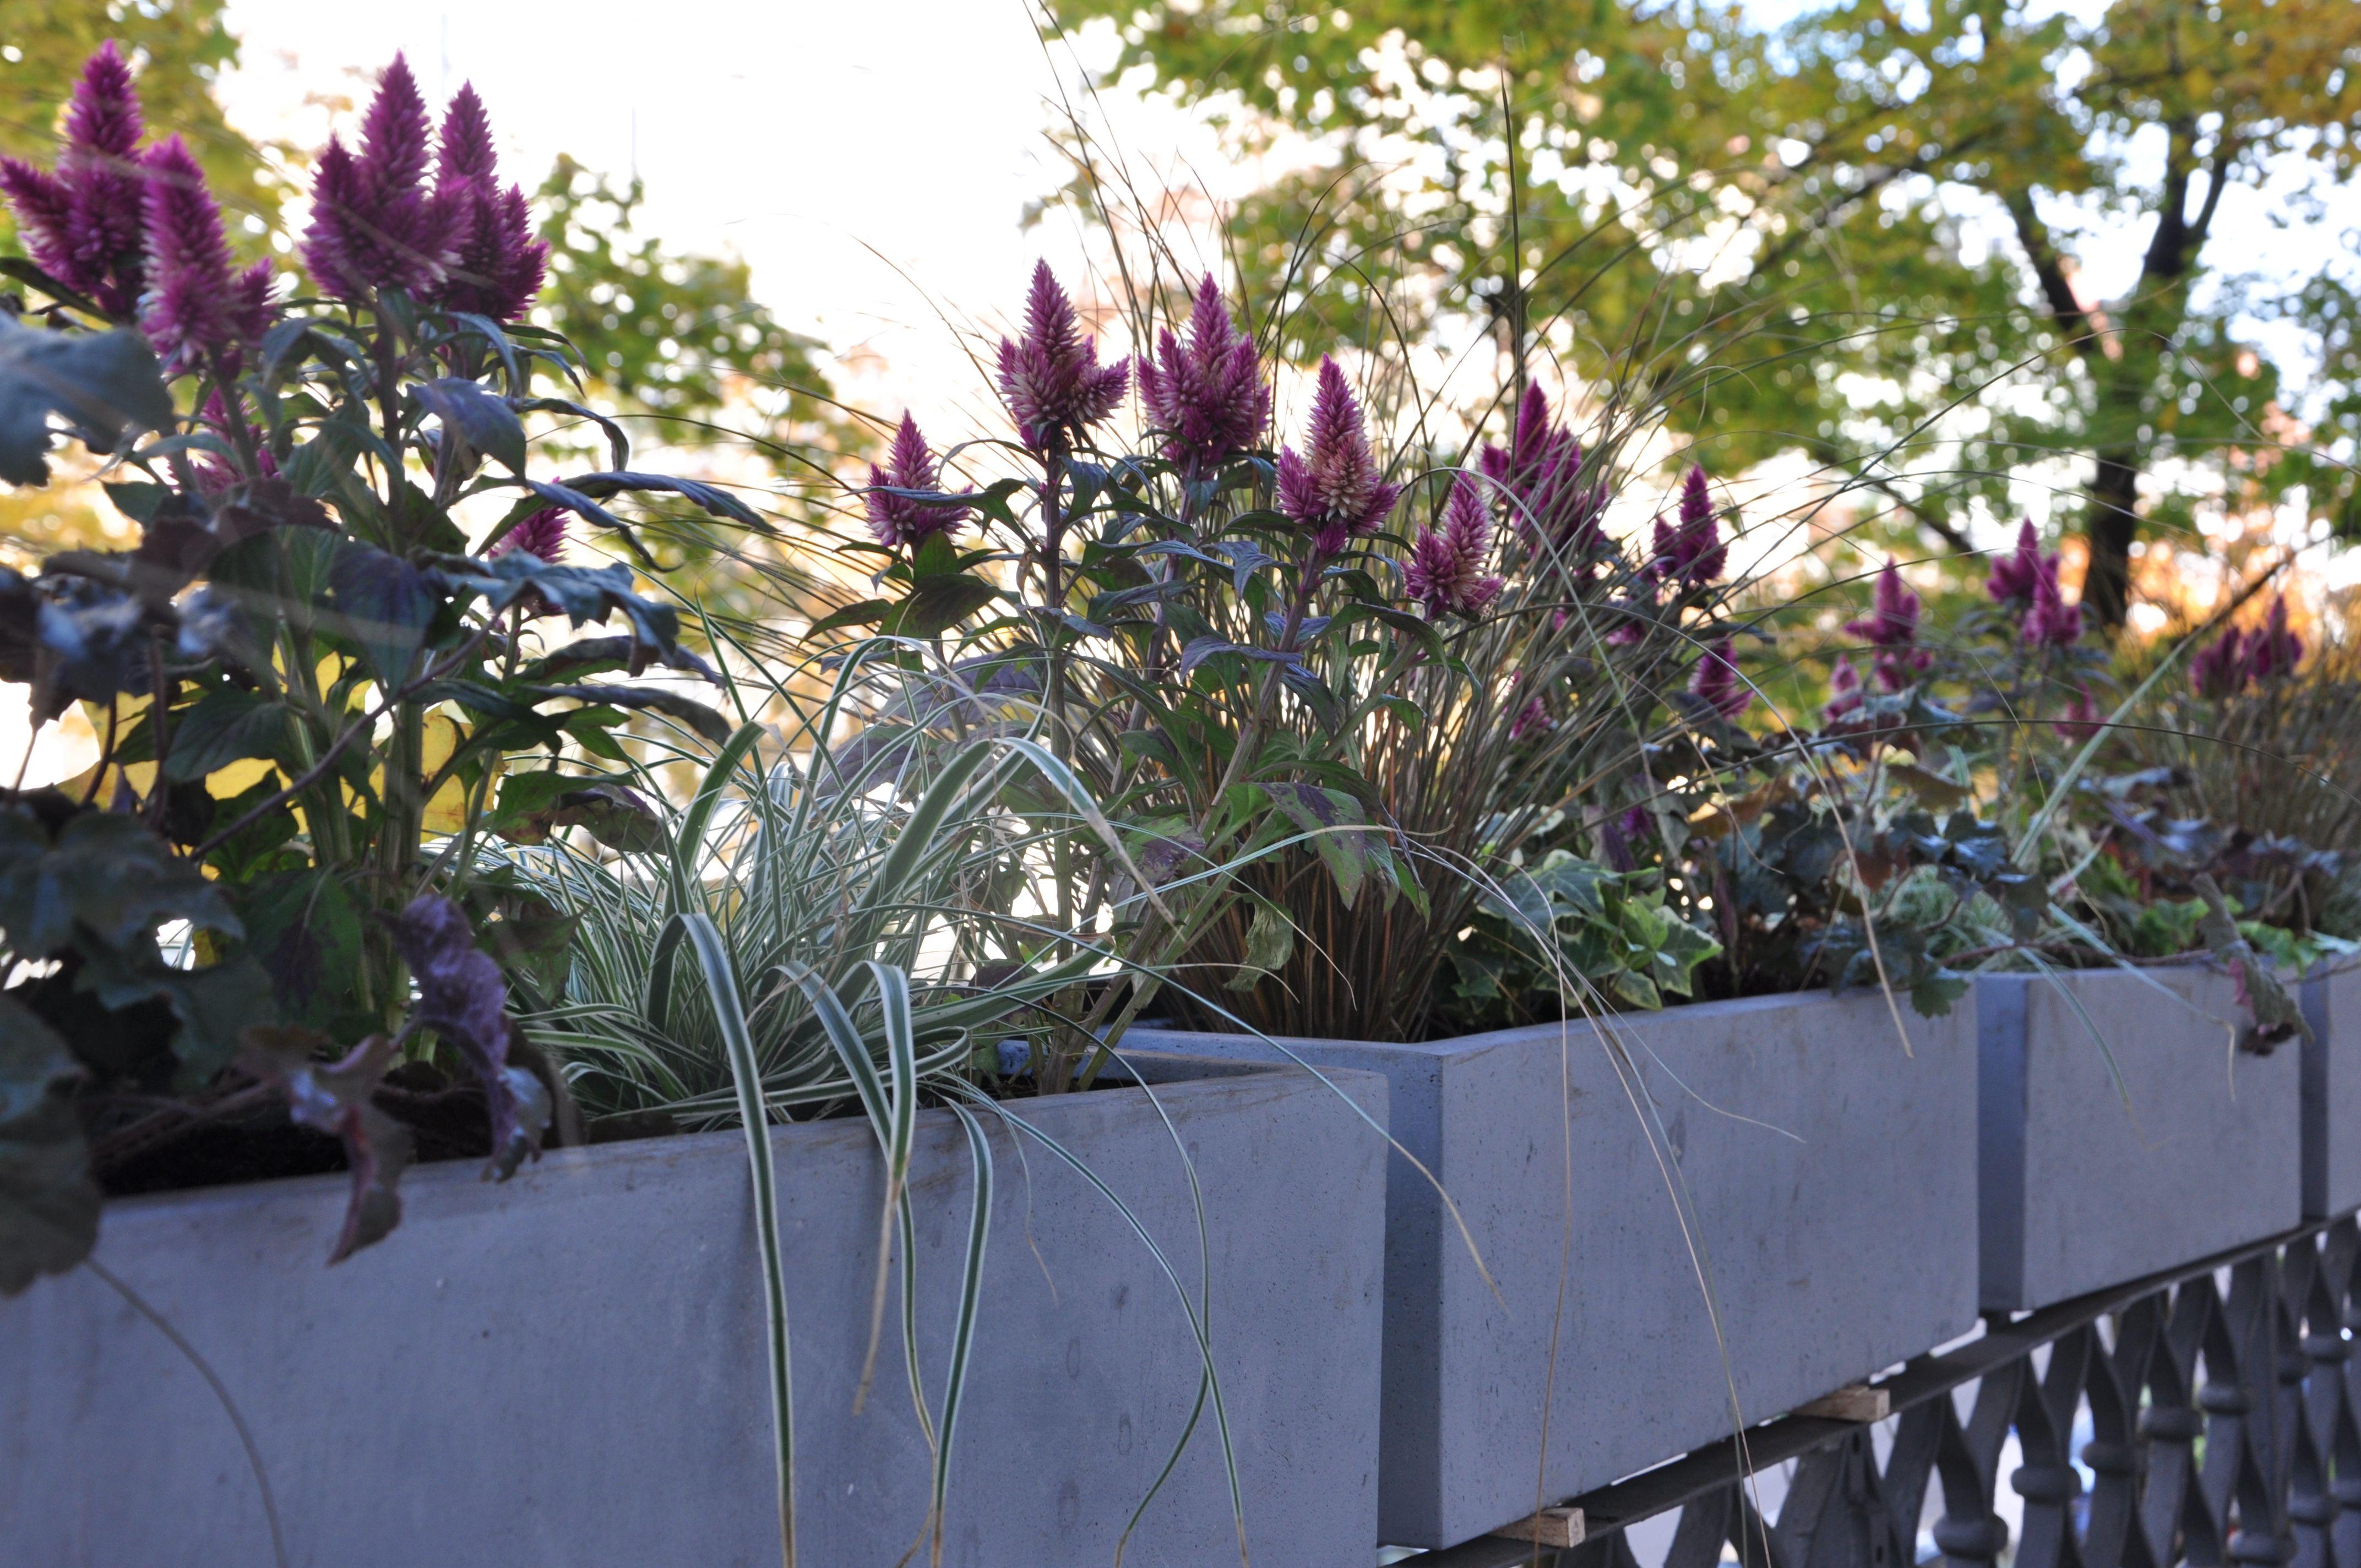 Balkonkasten Beton Mit Herbstpflanzen Balkon Pflanzen Herbstpflanzen Pflanzen